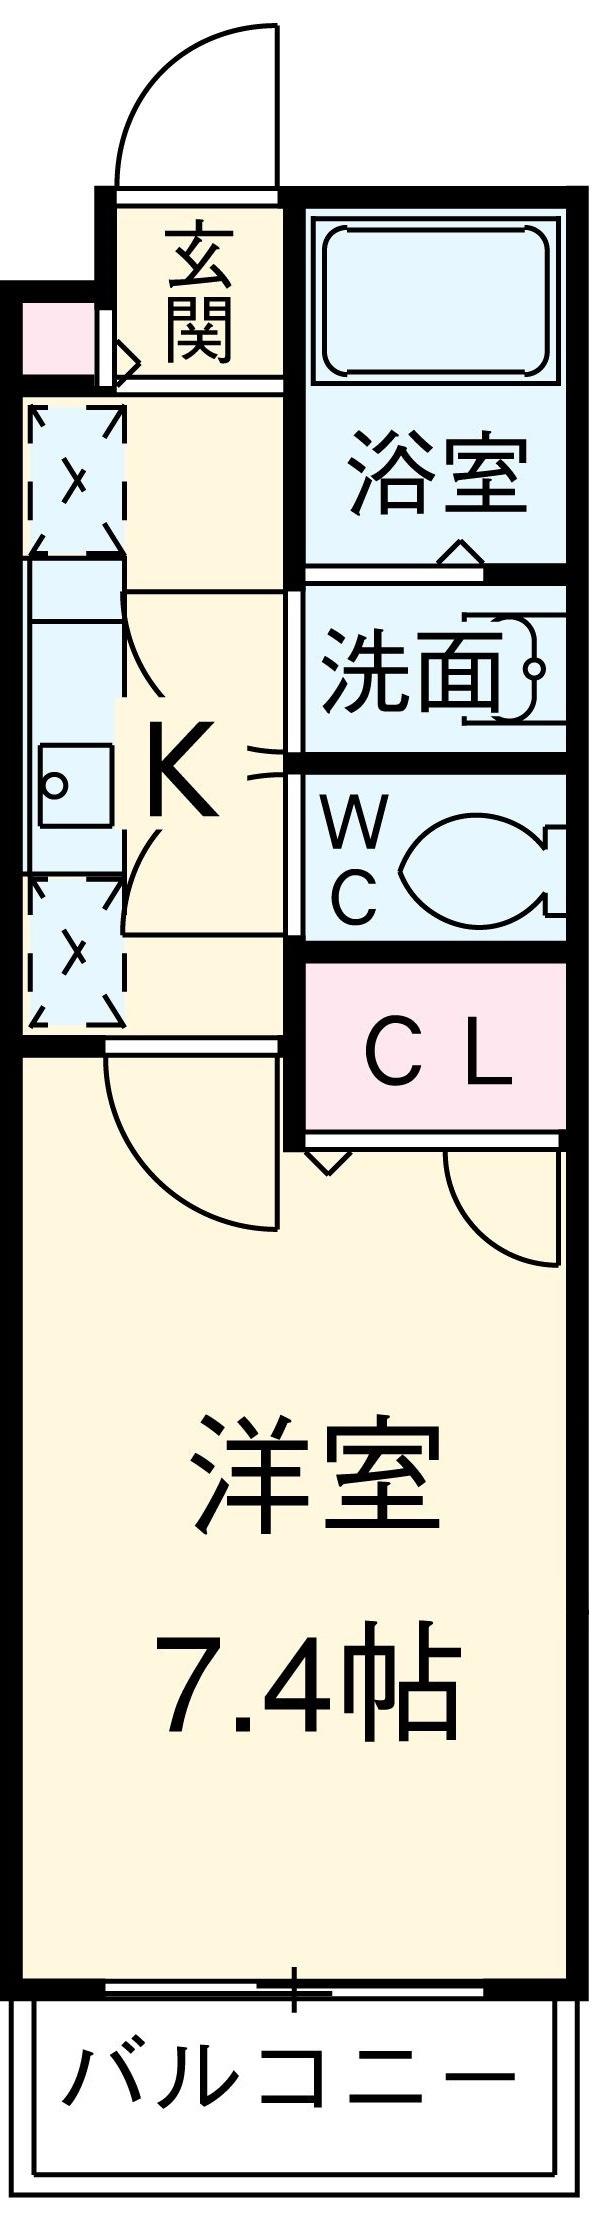 Central Perk 404号室の間取り